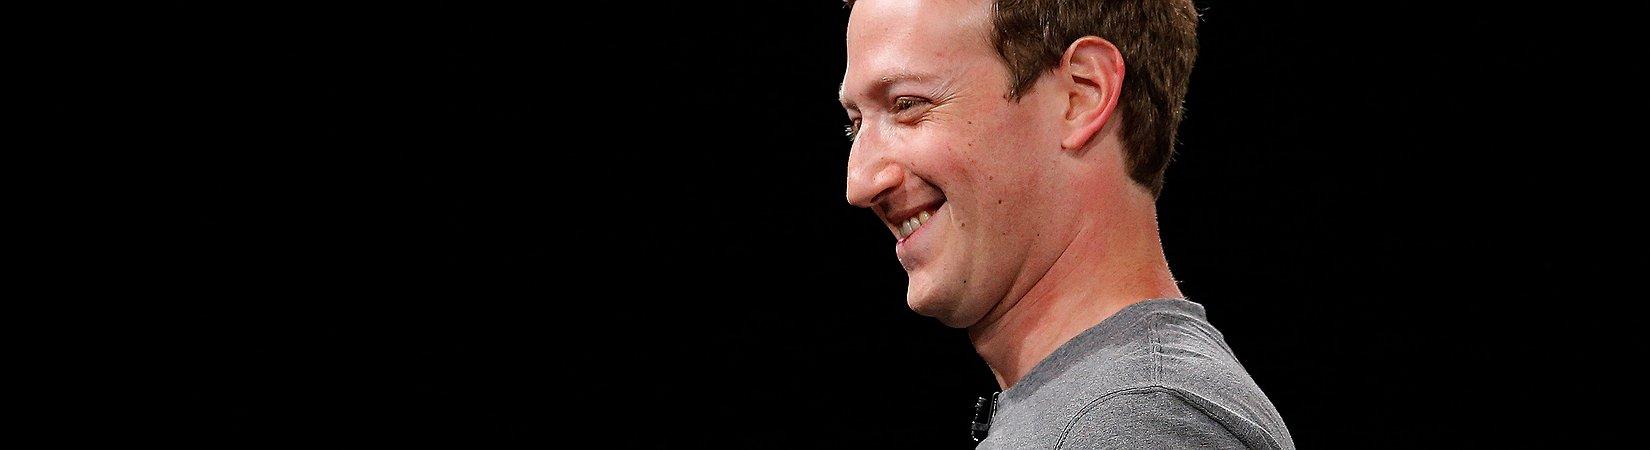 Produtividade: os segredos de Mark Zuckerberg, Bill Gates e Elon Musk